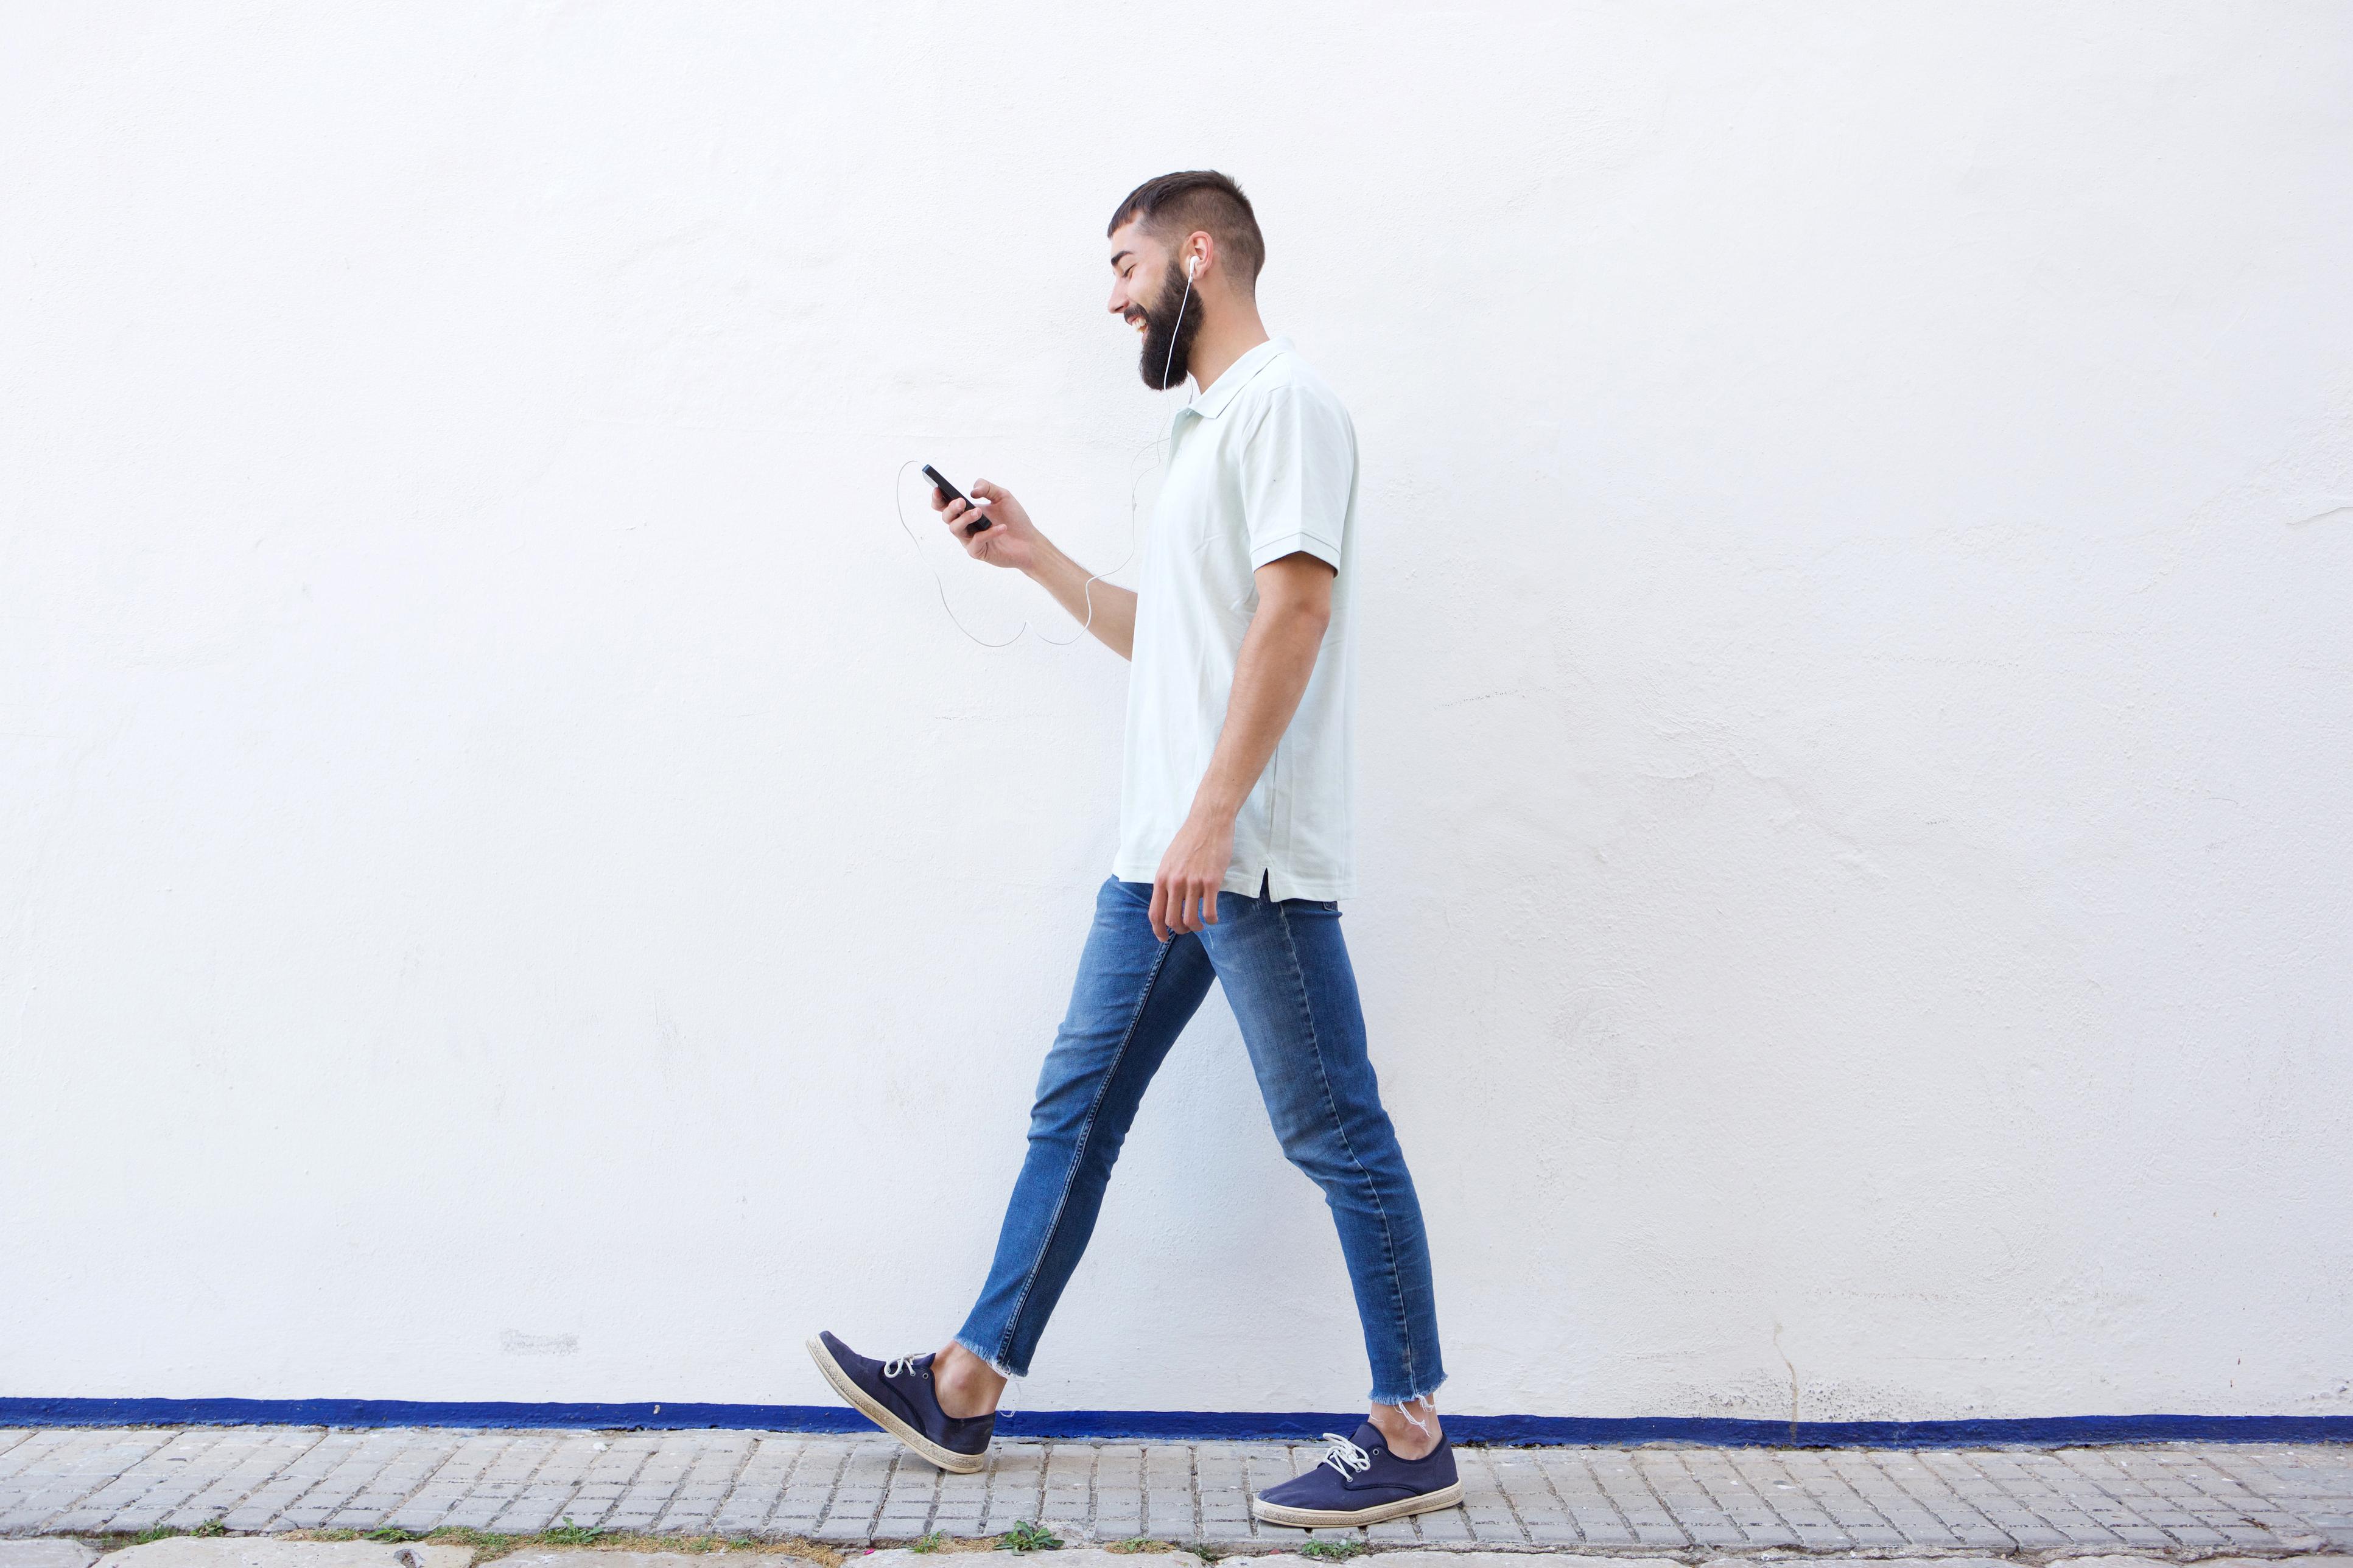 Сколько шагов нужно проходить в день, чтобы похудеть | econet. Ru.